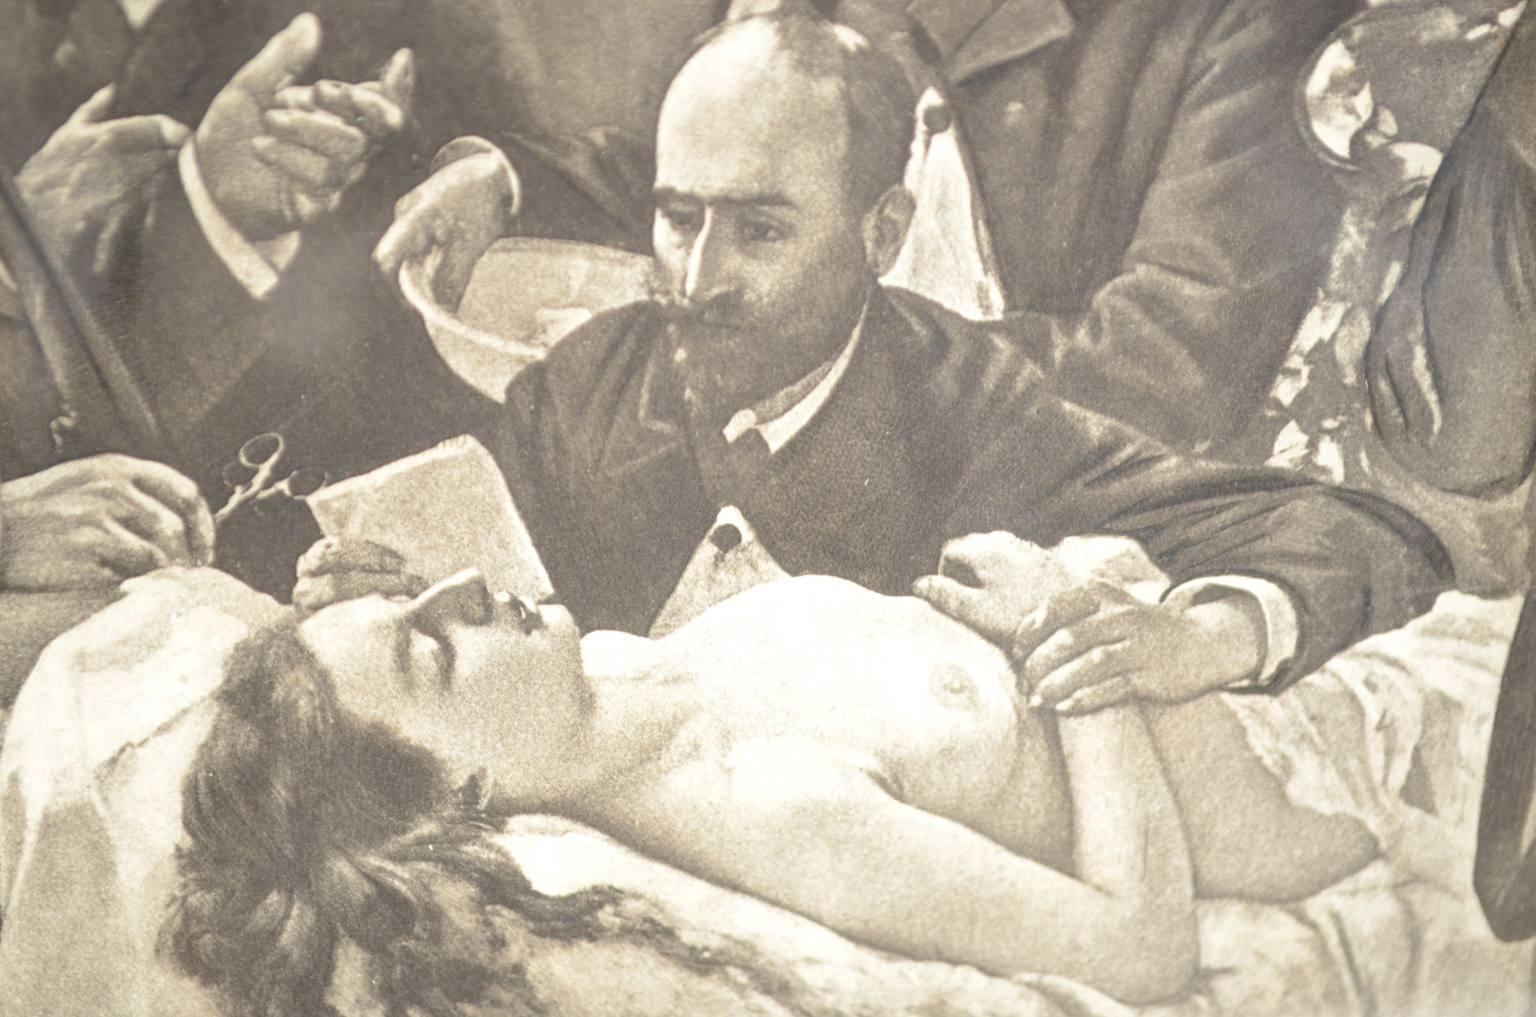 Strumenti medici d'epoca/333-Jules Emile Péan